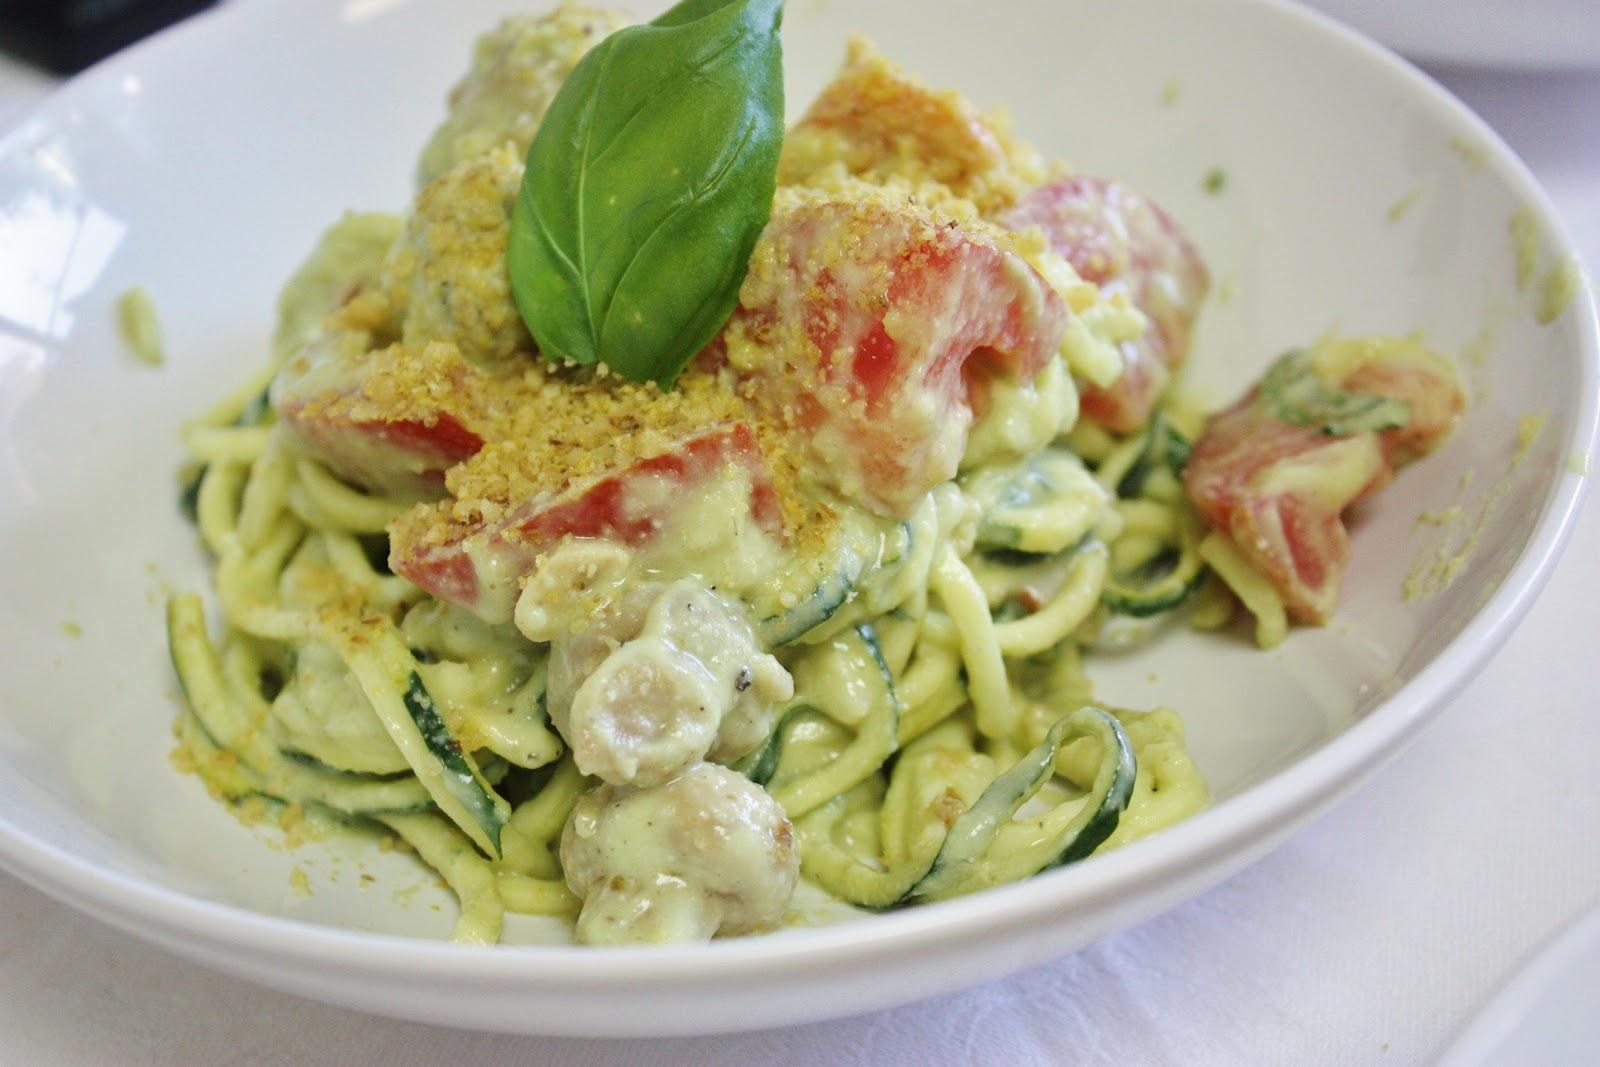 This rawsome vegan life creamy zucchini pasta avocado soup creamy zucchini pasta avocado soup forumfinder Gallery